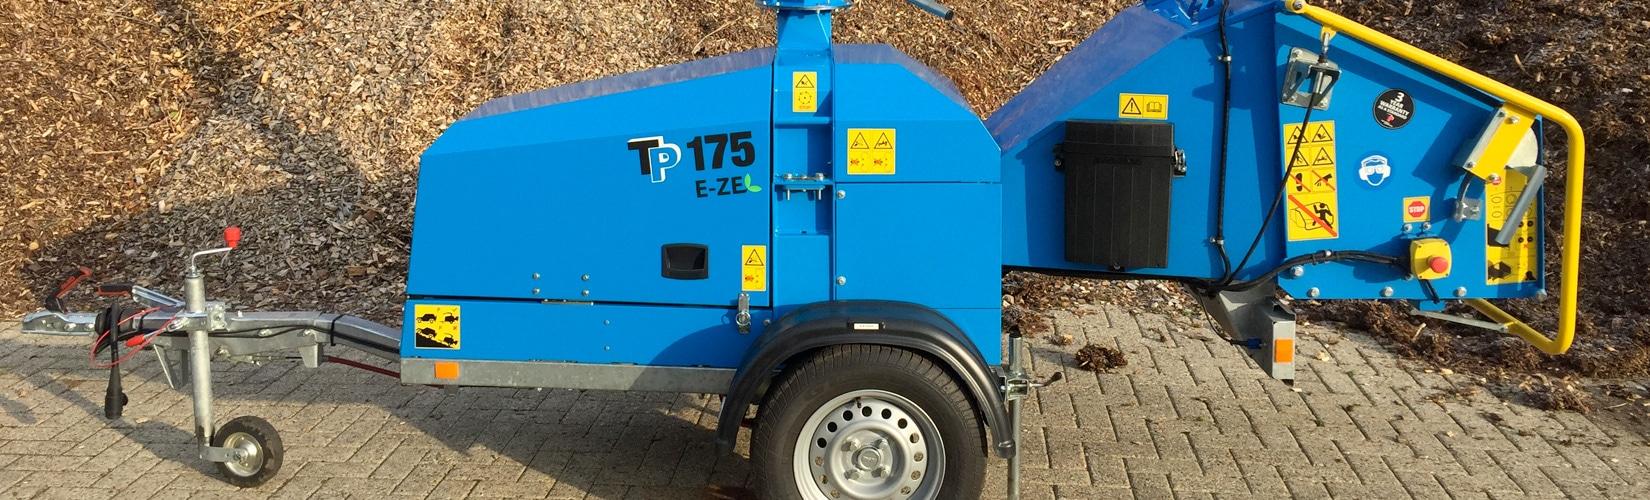 TP 175 MOBILE ELECTRIQUE